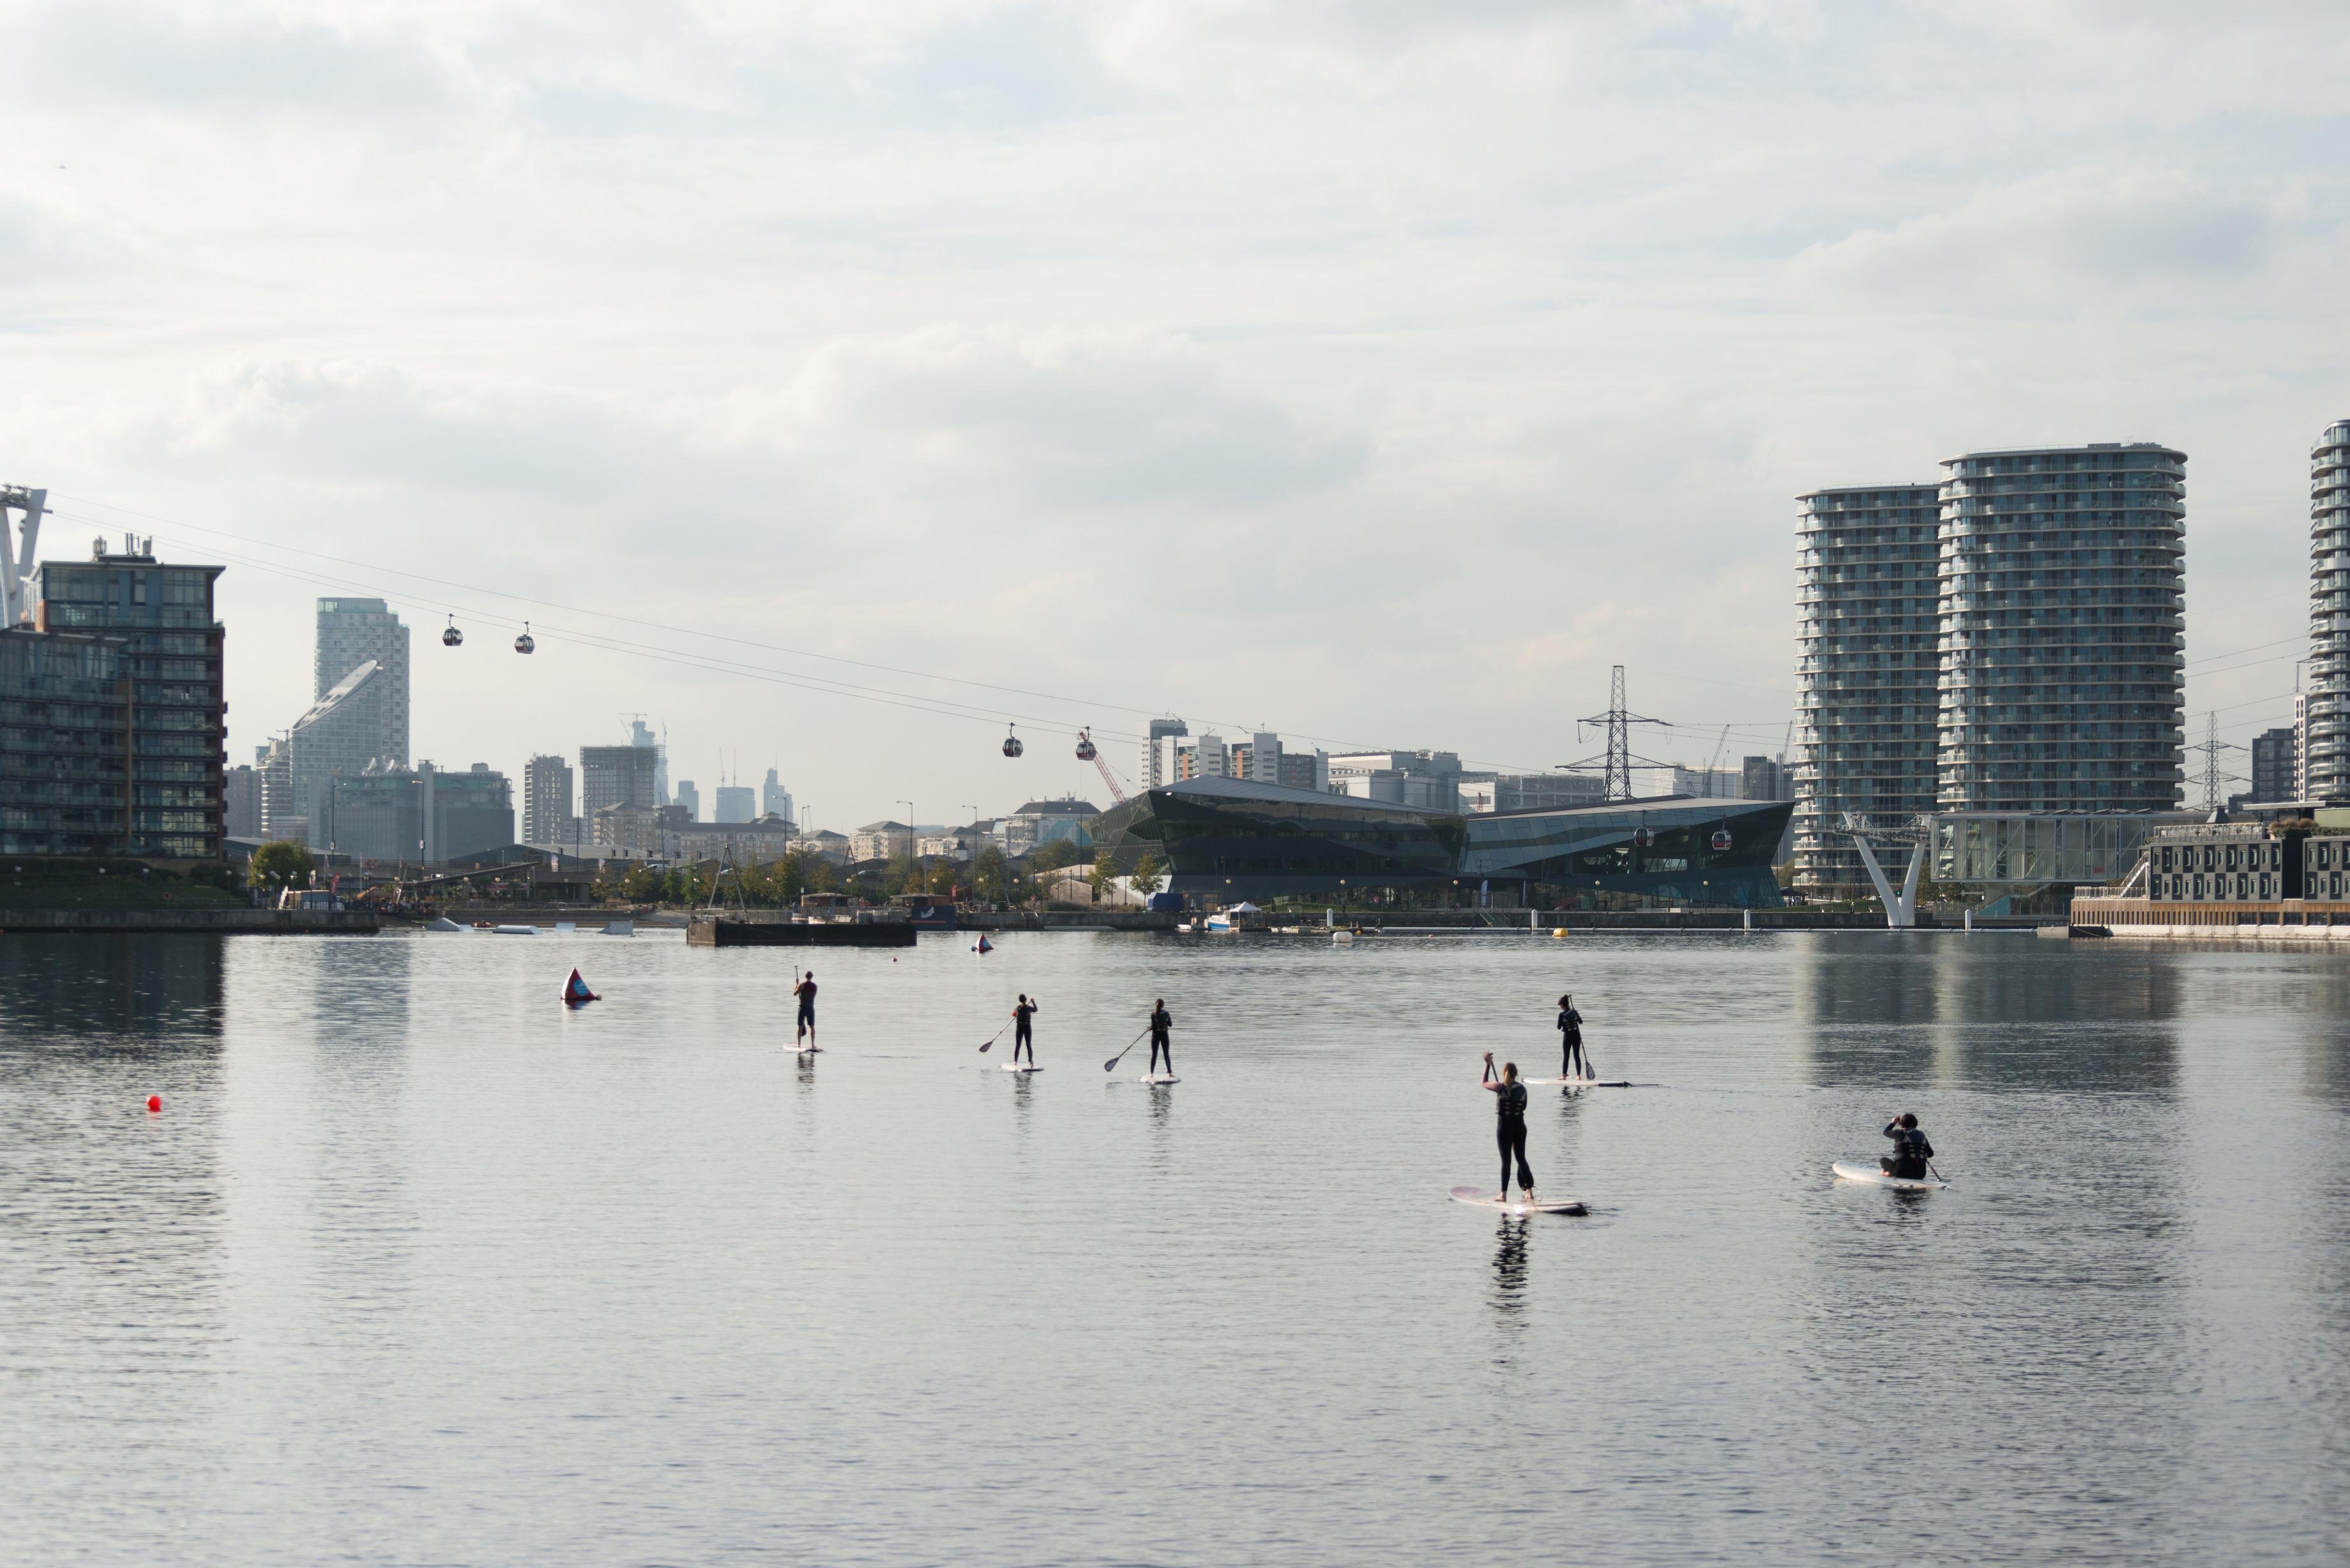 Paddleboarding at the Royal Docks